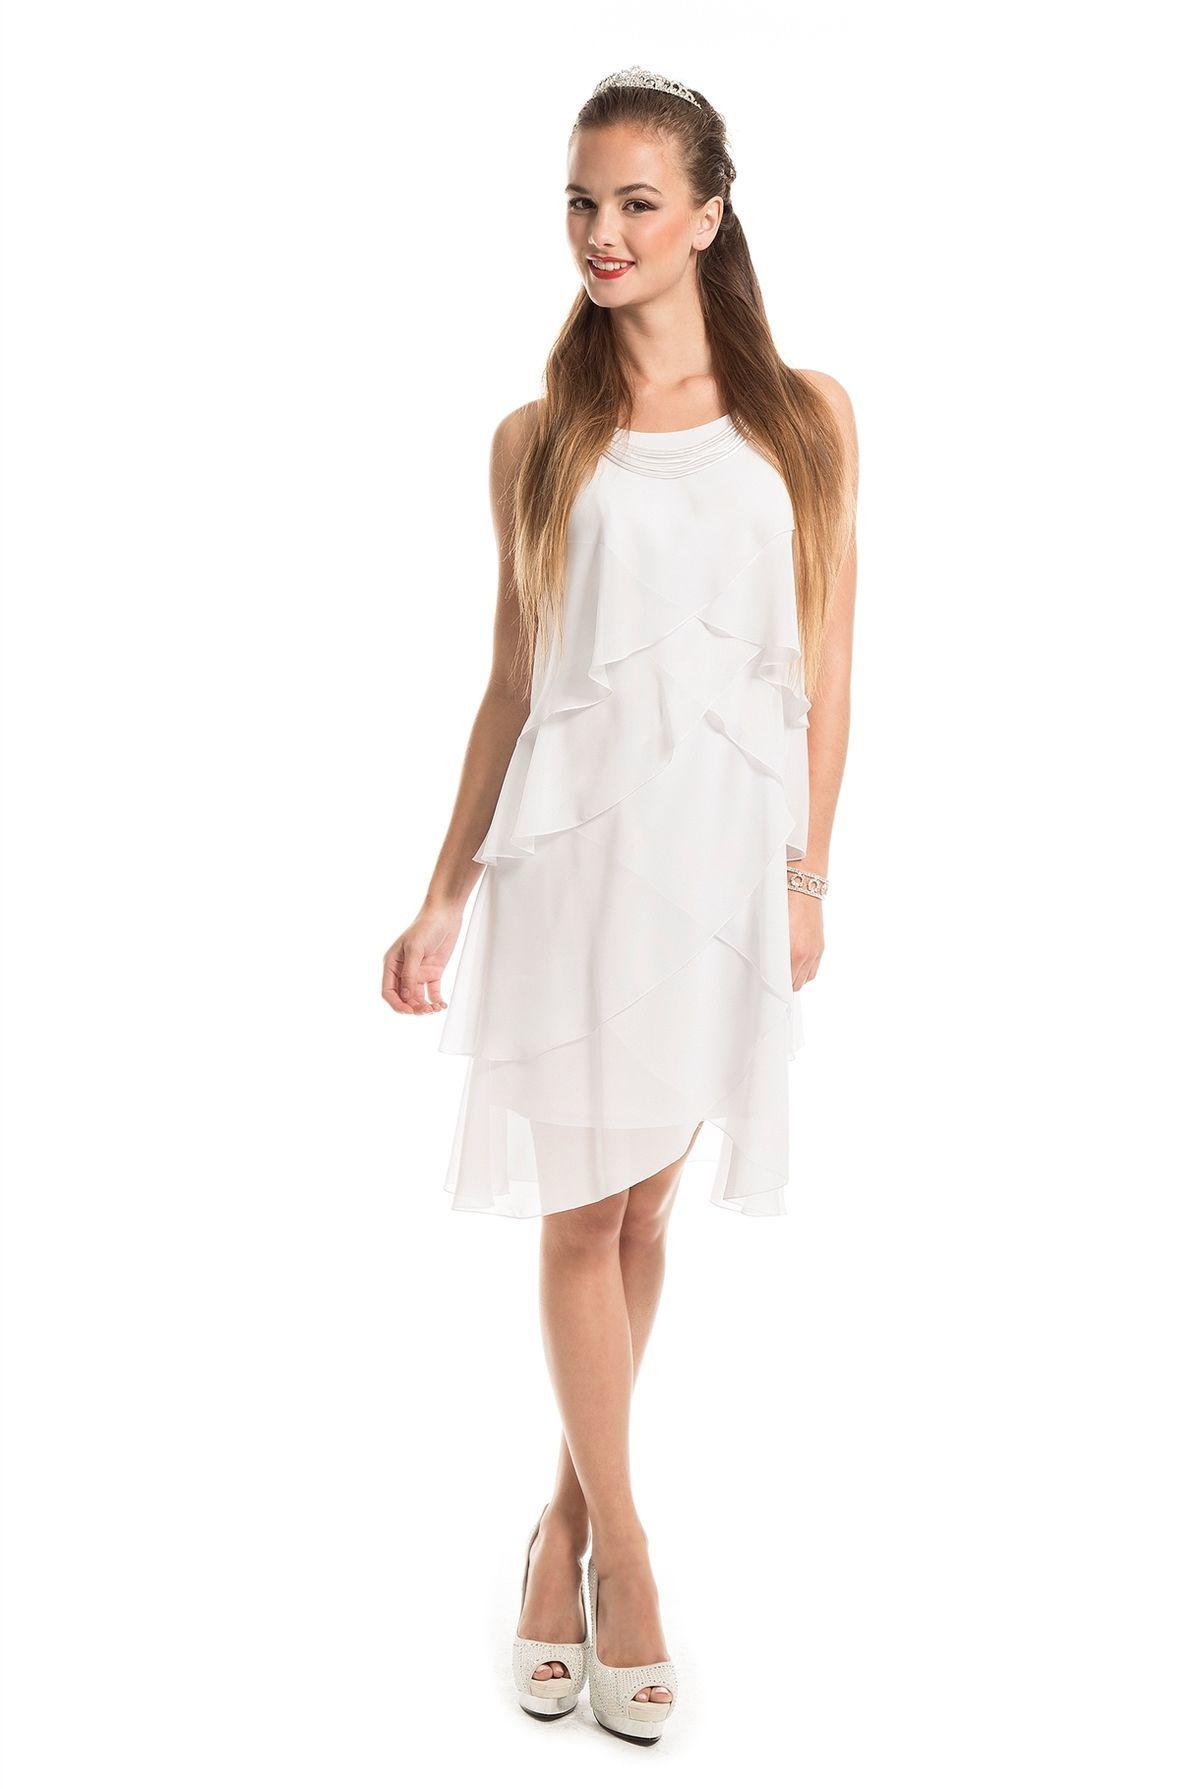 vestidos-de-graduacion-2015-modelo-de-la-firma-liz-minelli